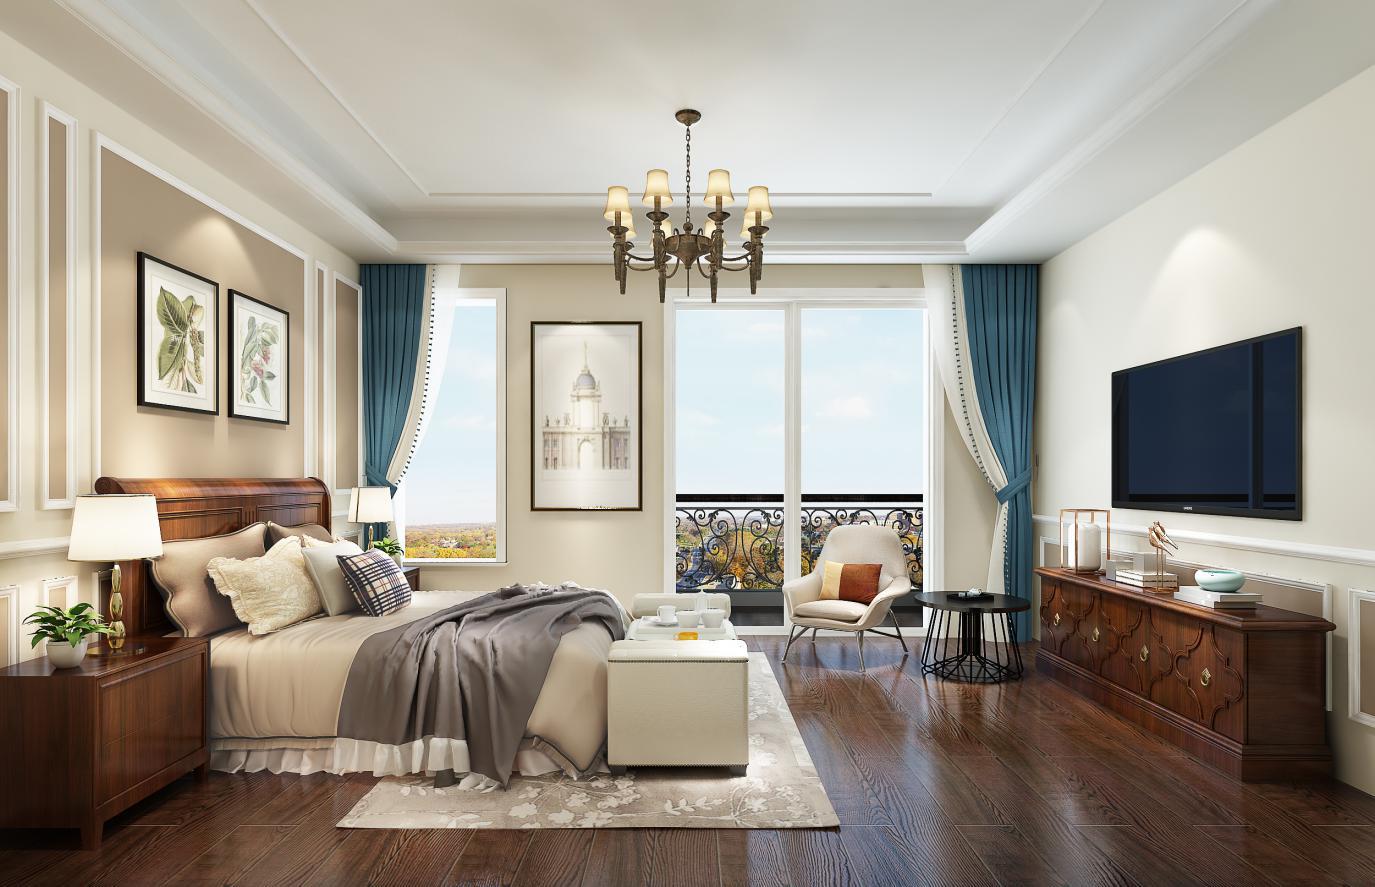 主卧:美式家居的卧室布置较为温馨,作为主人的私密空间,主要以功能性和实用舒适为考虑的重点,卧室不采用复杂的吊顶,以主灯照明,床头灯辅照明,多用温馨柔软的成套布艺来装点,同时在软装和用色上非常统一。